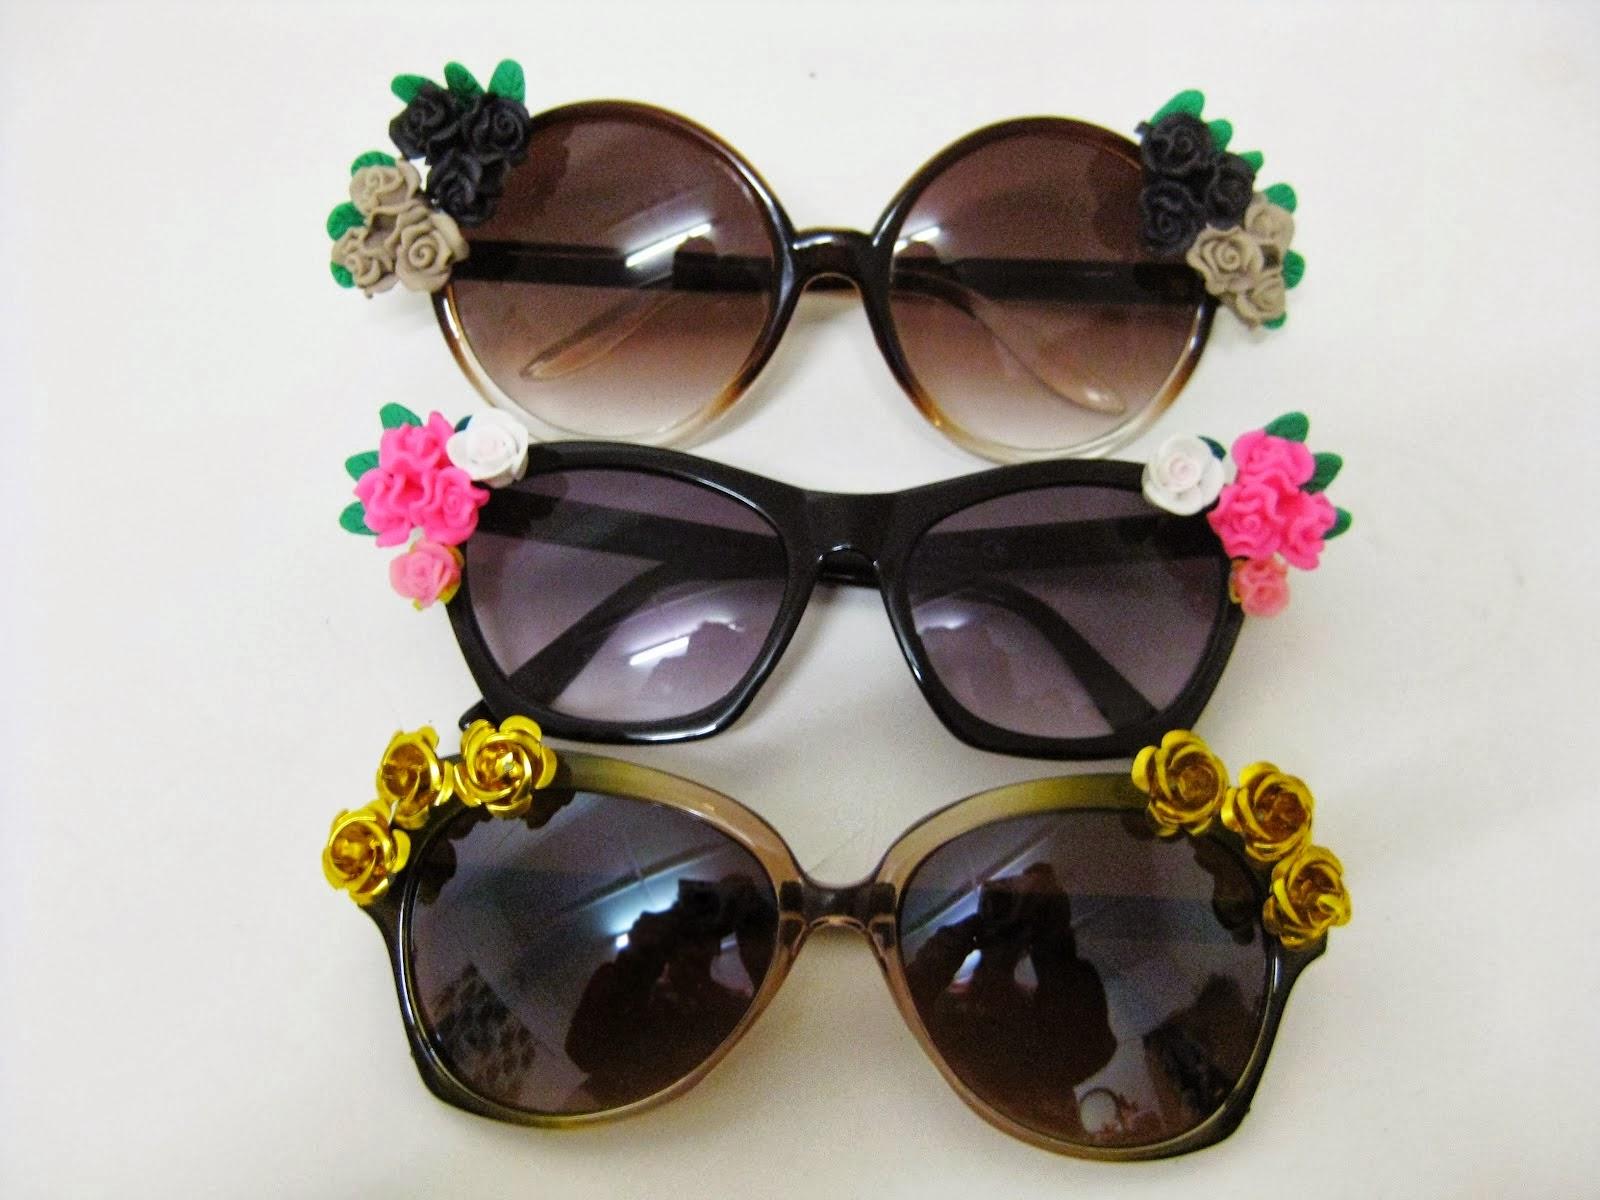 Os óculos que aparecem nos desfiles desse ano mostram que o estilo  decoração também faz parte do mundo deles, seja mais simples, modernos ou  mesmo barrocos, ... 4c5ae3faa7